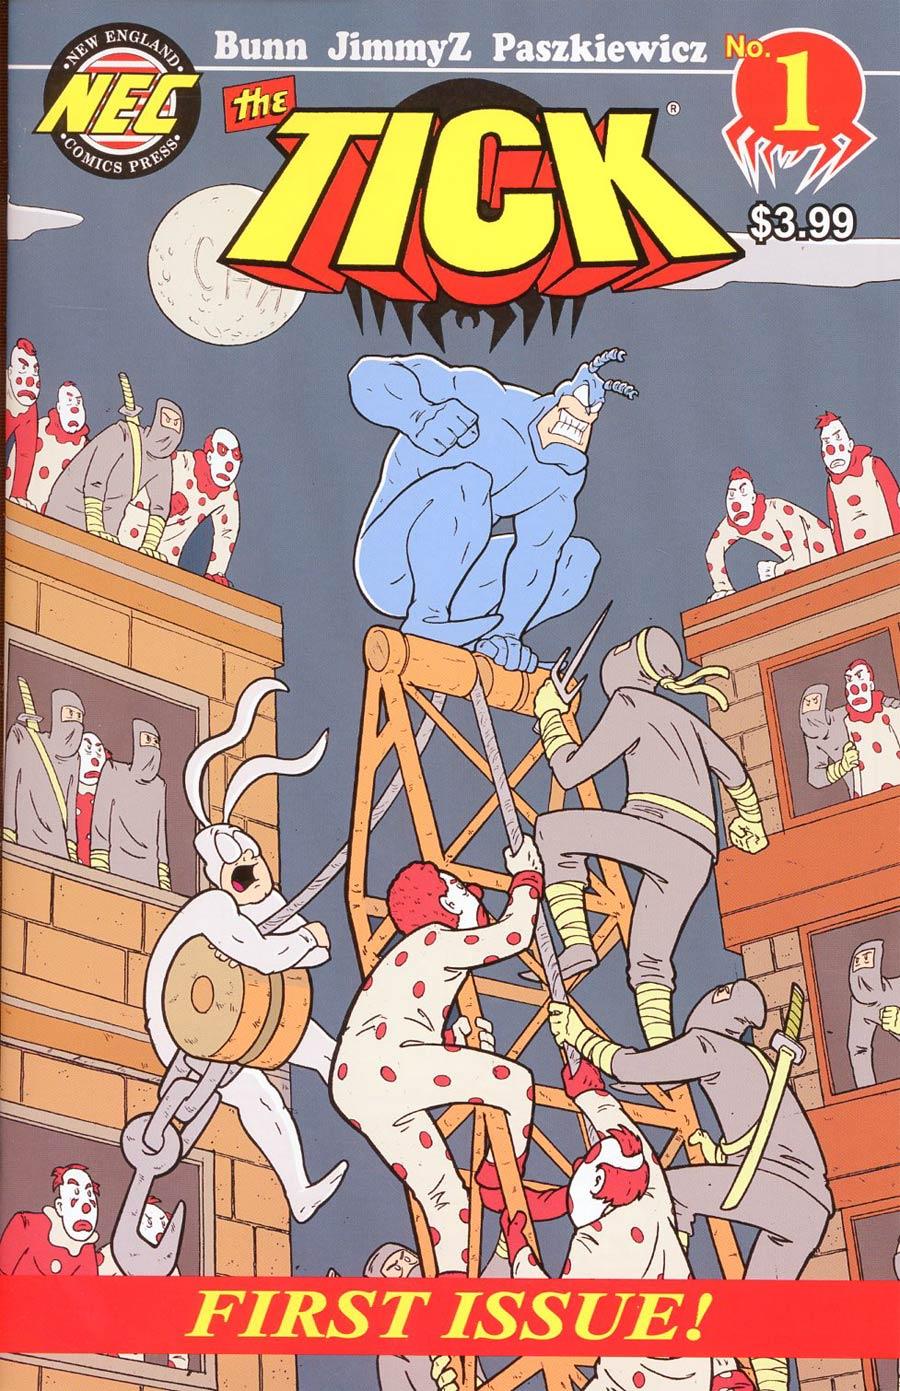 Tick Vol 2 #1 Cover A Regular Douglas Paskiewicz Cover